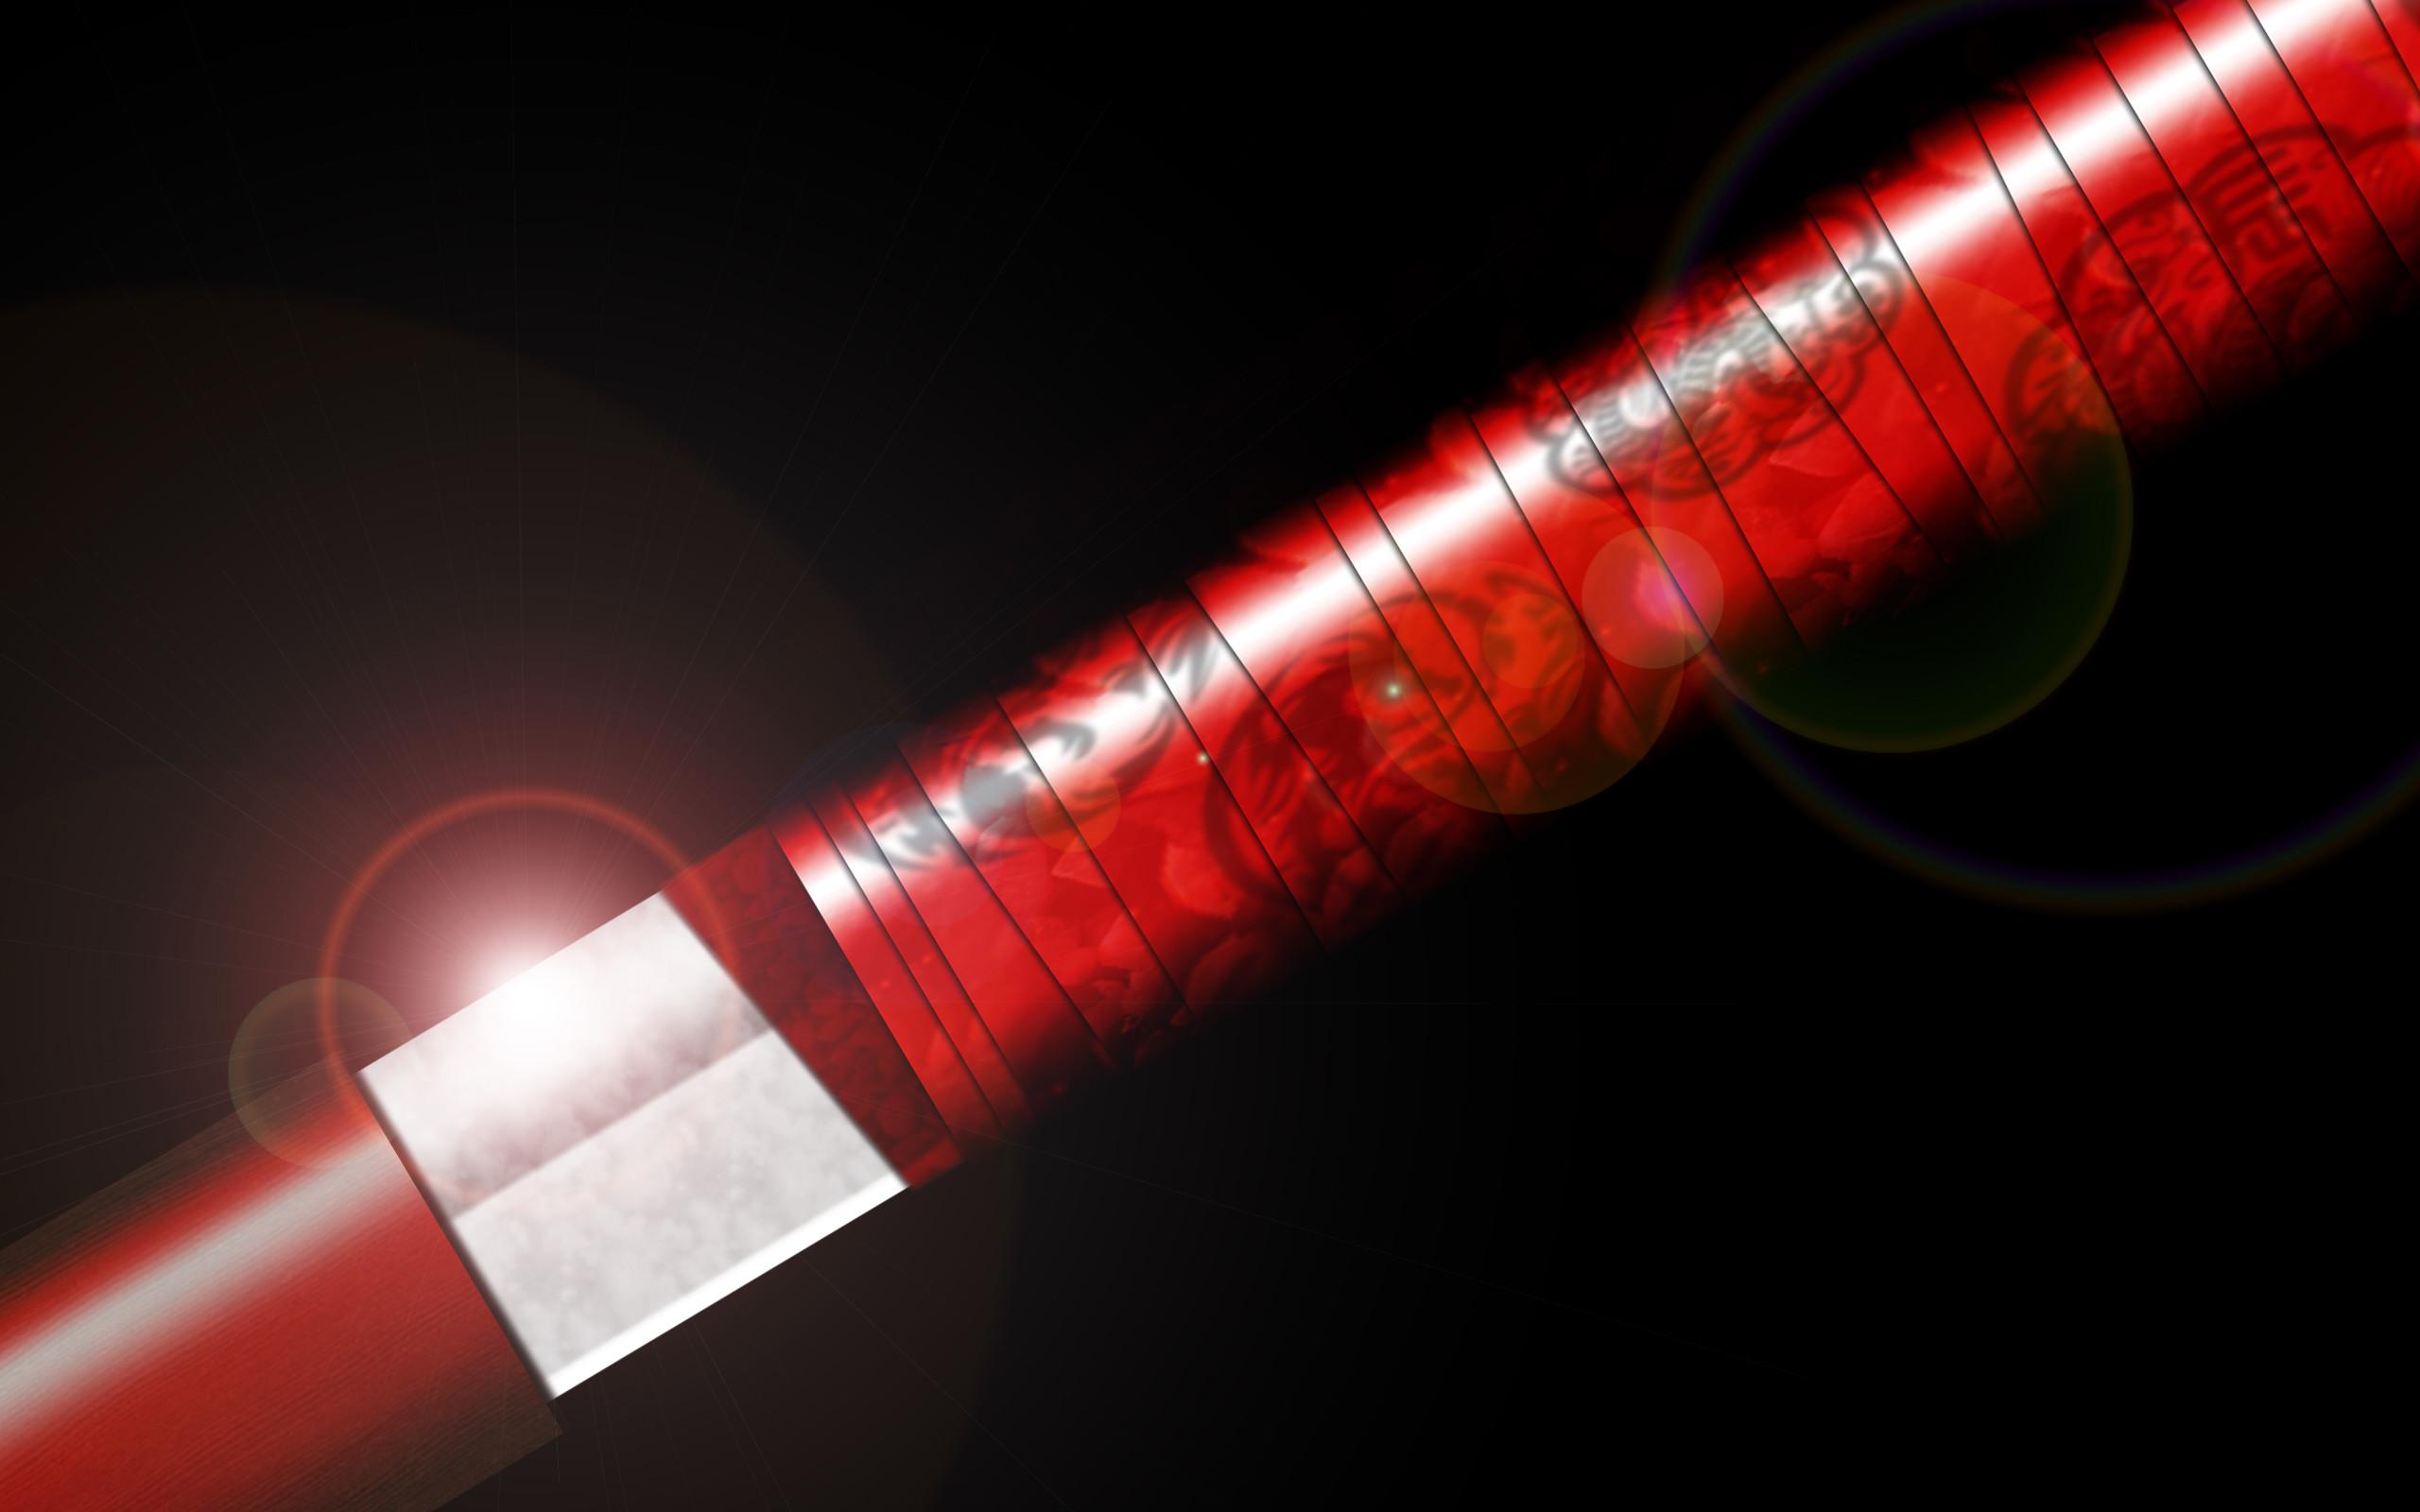 Wallpaper #62 Samurai sword | Red and Black Wallpapers